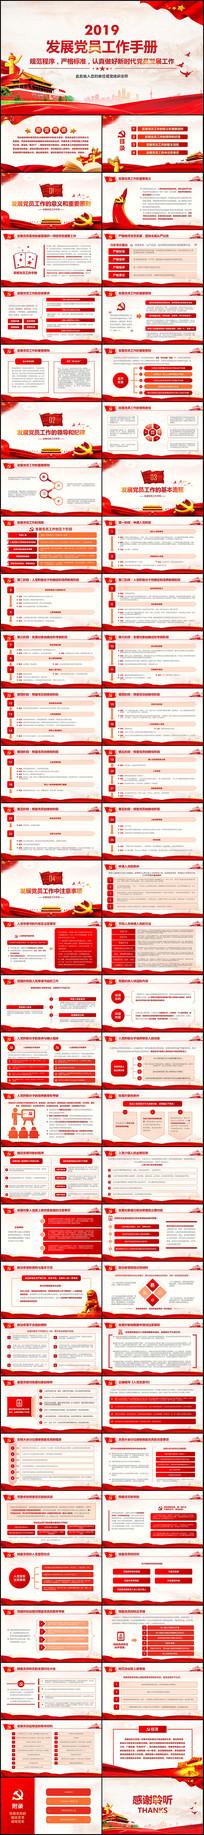 党员发展工作手册入党流程程序